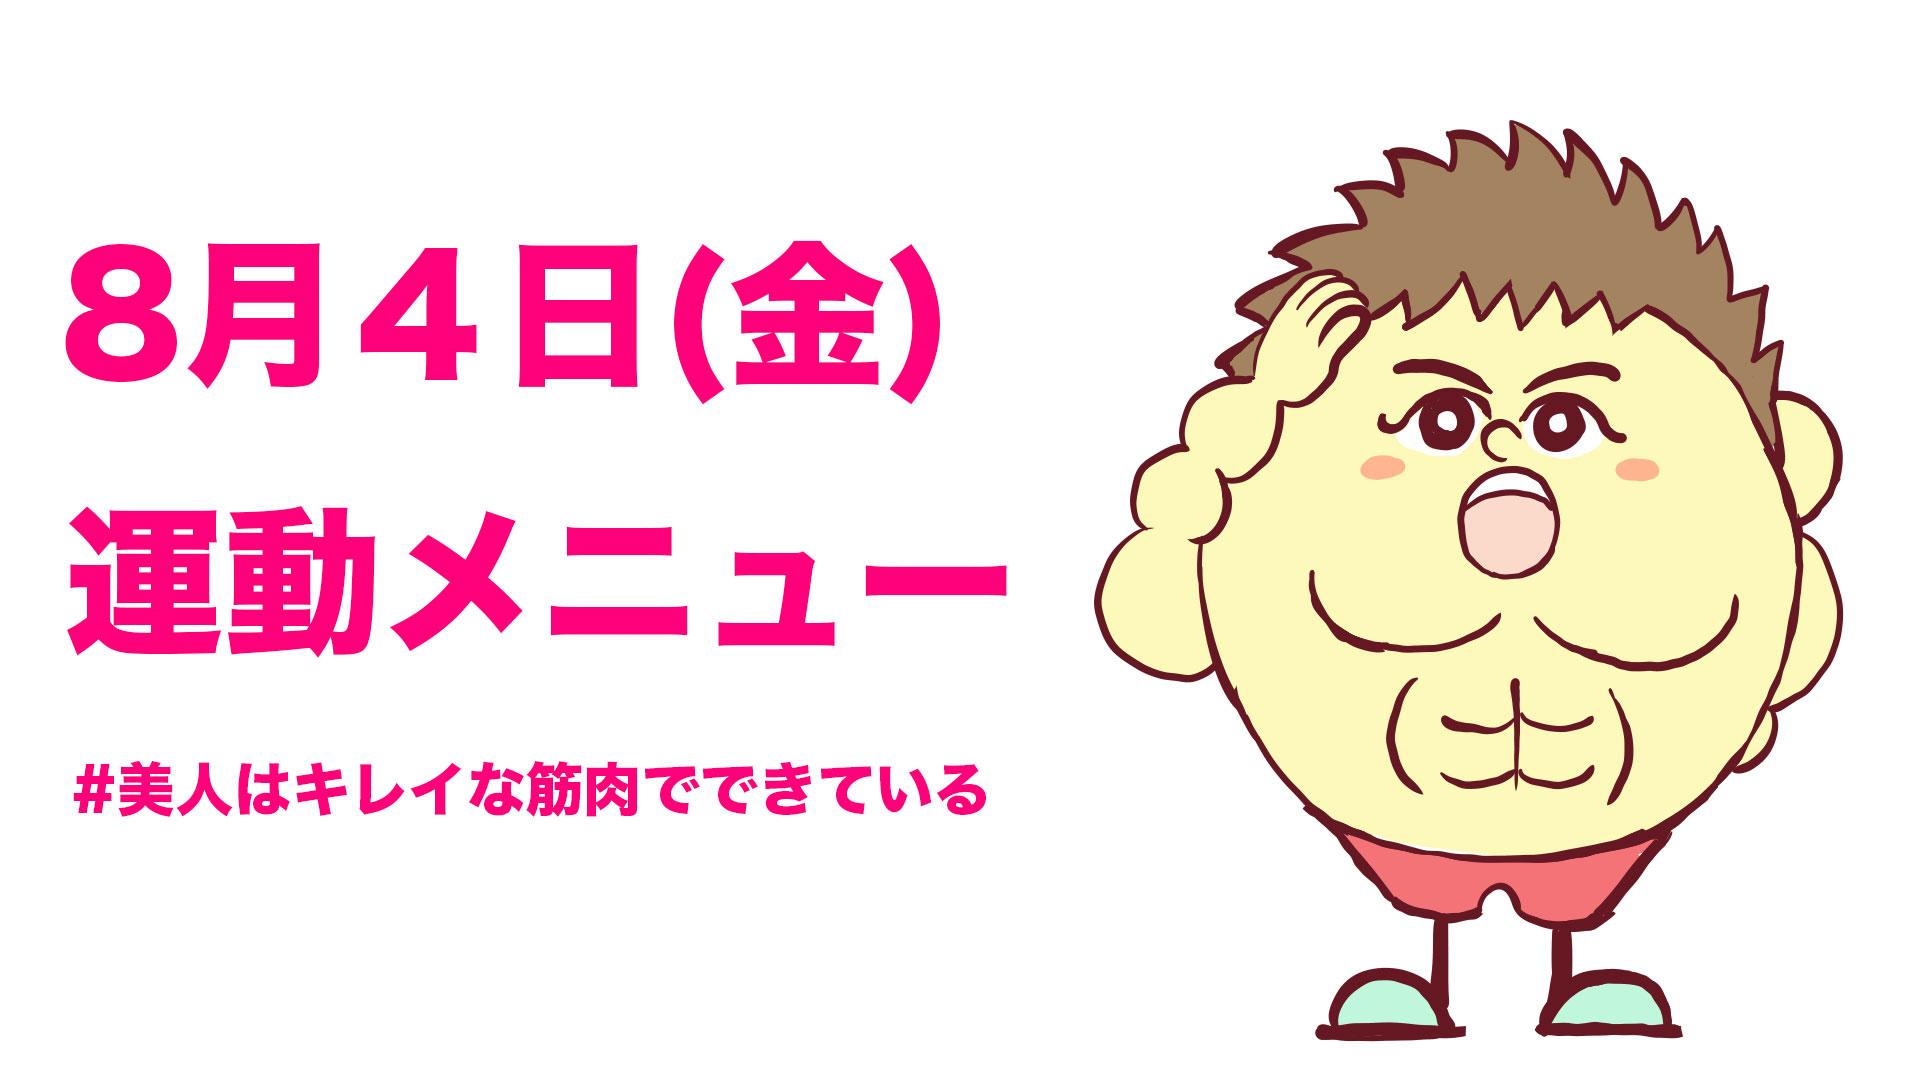 8/4の運動メニュー!